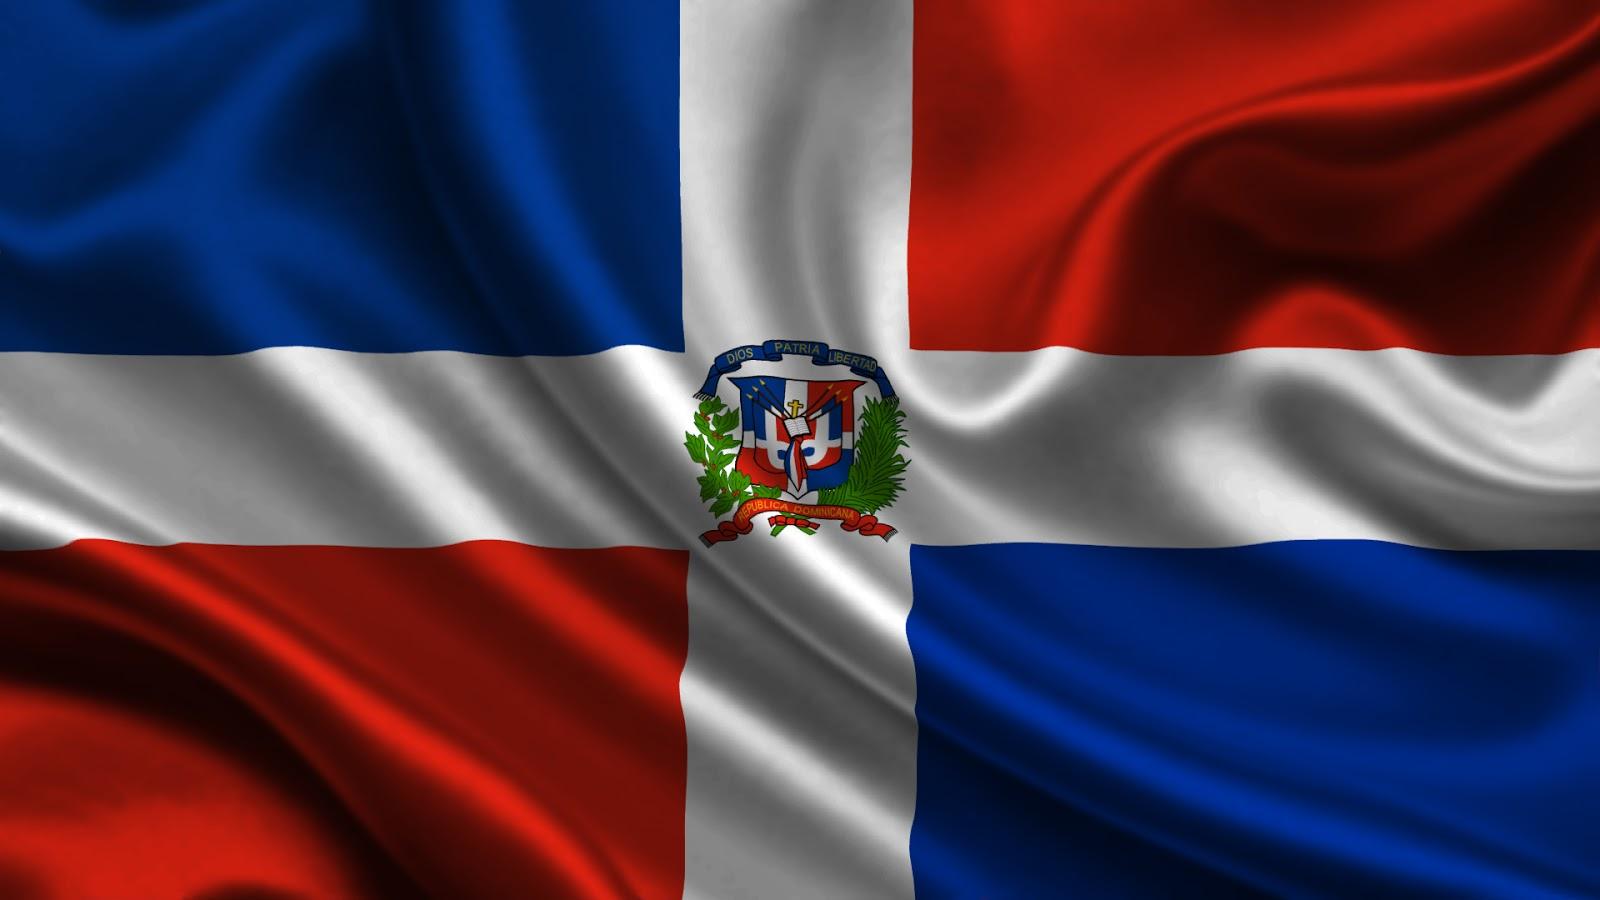 Ministro de Defensa de la República Dominicana felicita a Venezuela en su Día de Independencia • Ministerio del Poder Popular para Relaciones Exteriores